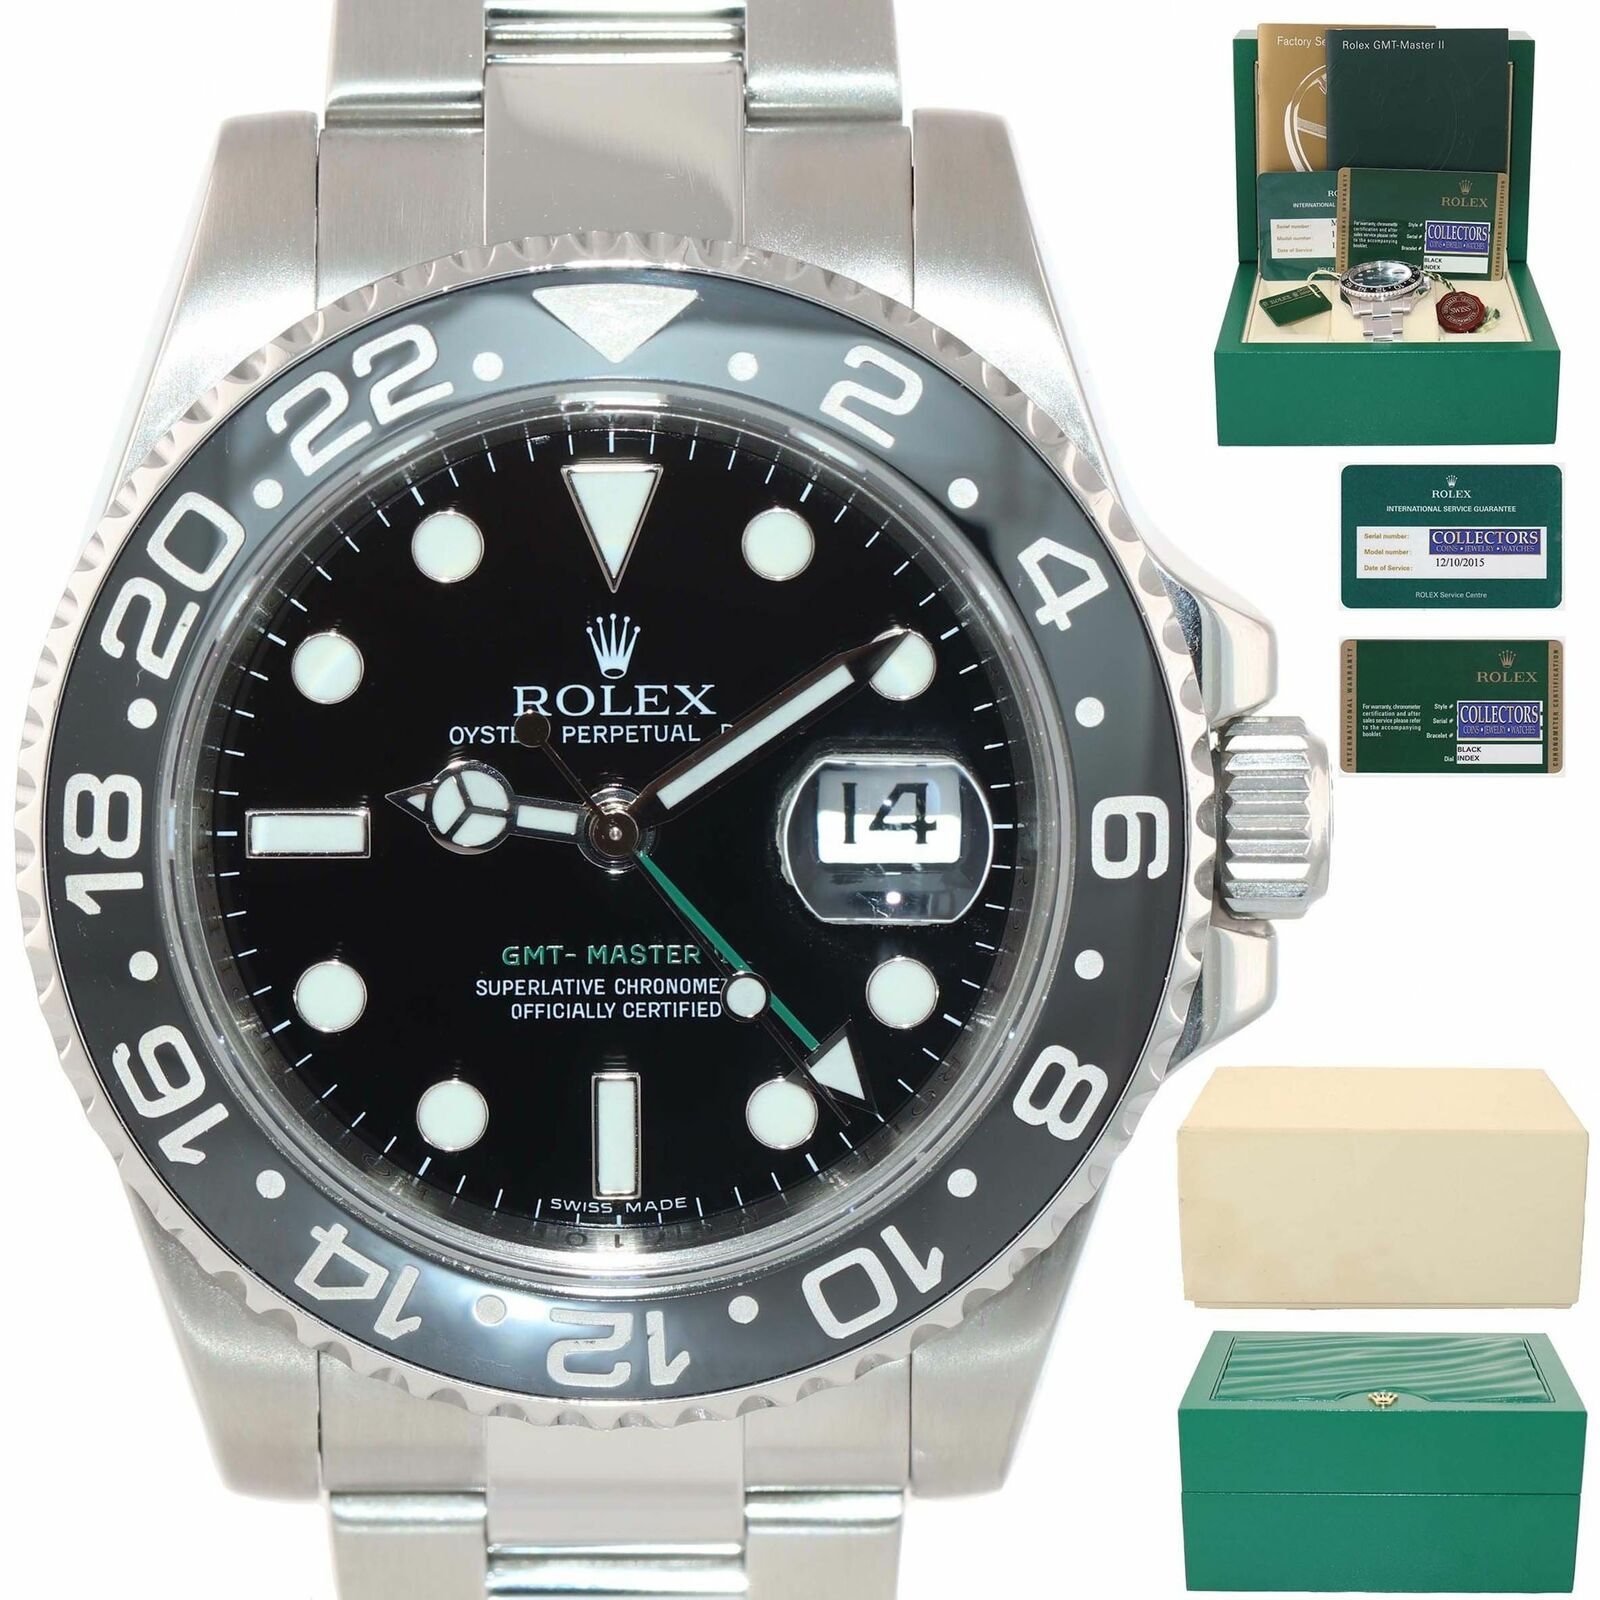 2015 SVC PAPERS Rolex GMT Master 116710 LN Steel Ceramic 40mm Black Date Watch  - Montre Rolex - idées de Montre Rolex #montrerolex #rolex #montre #rolexgmtmaster